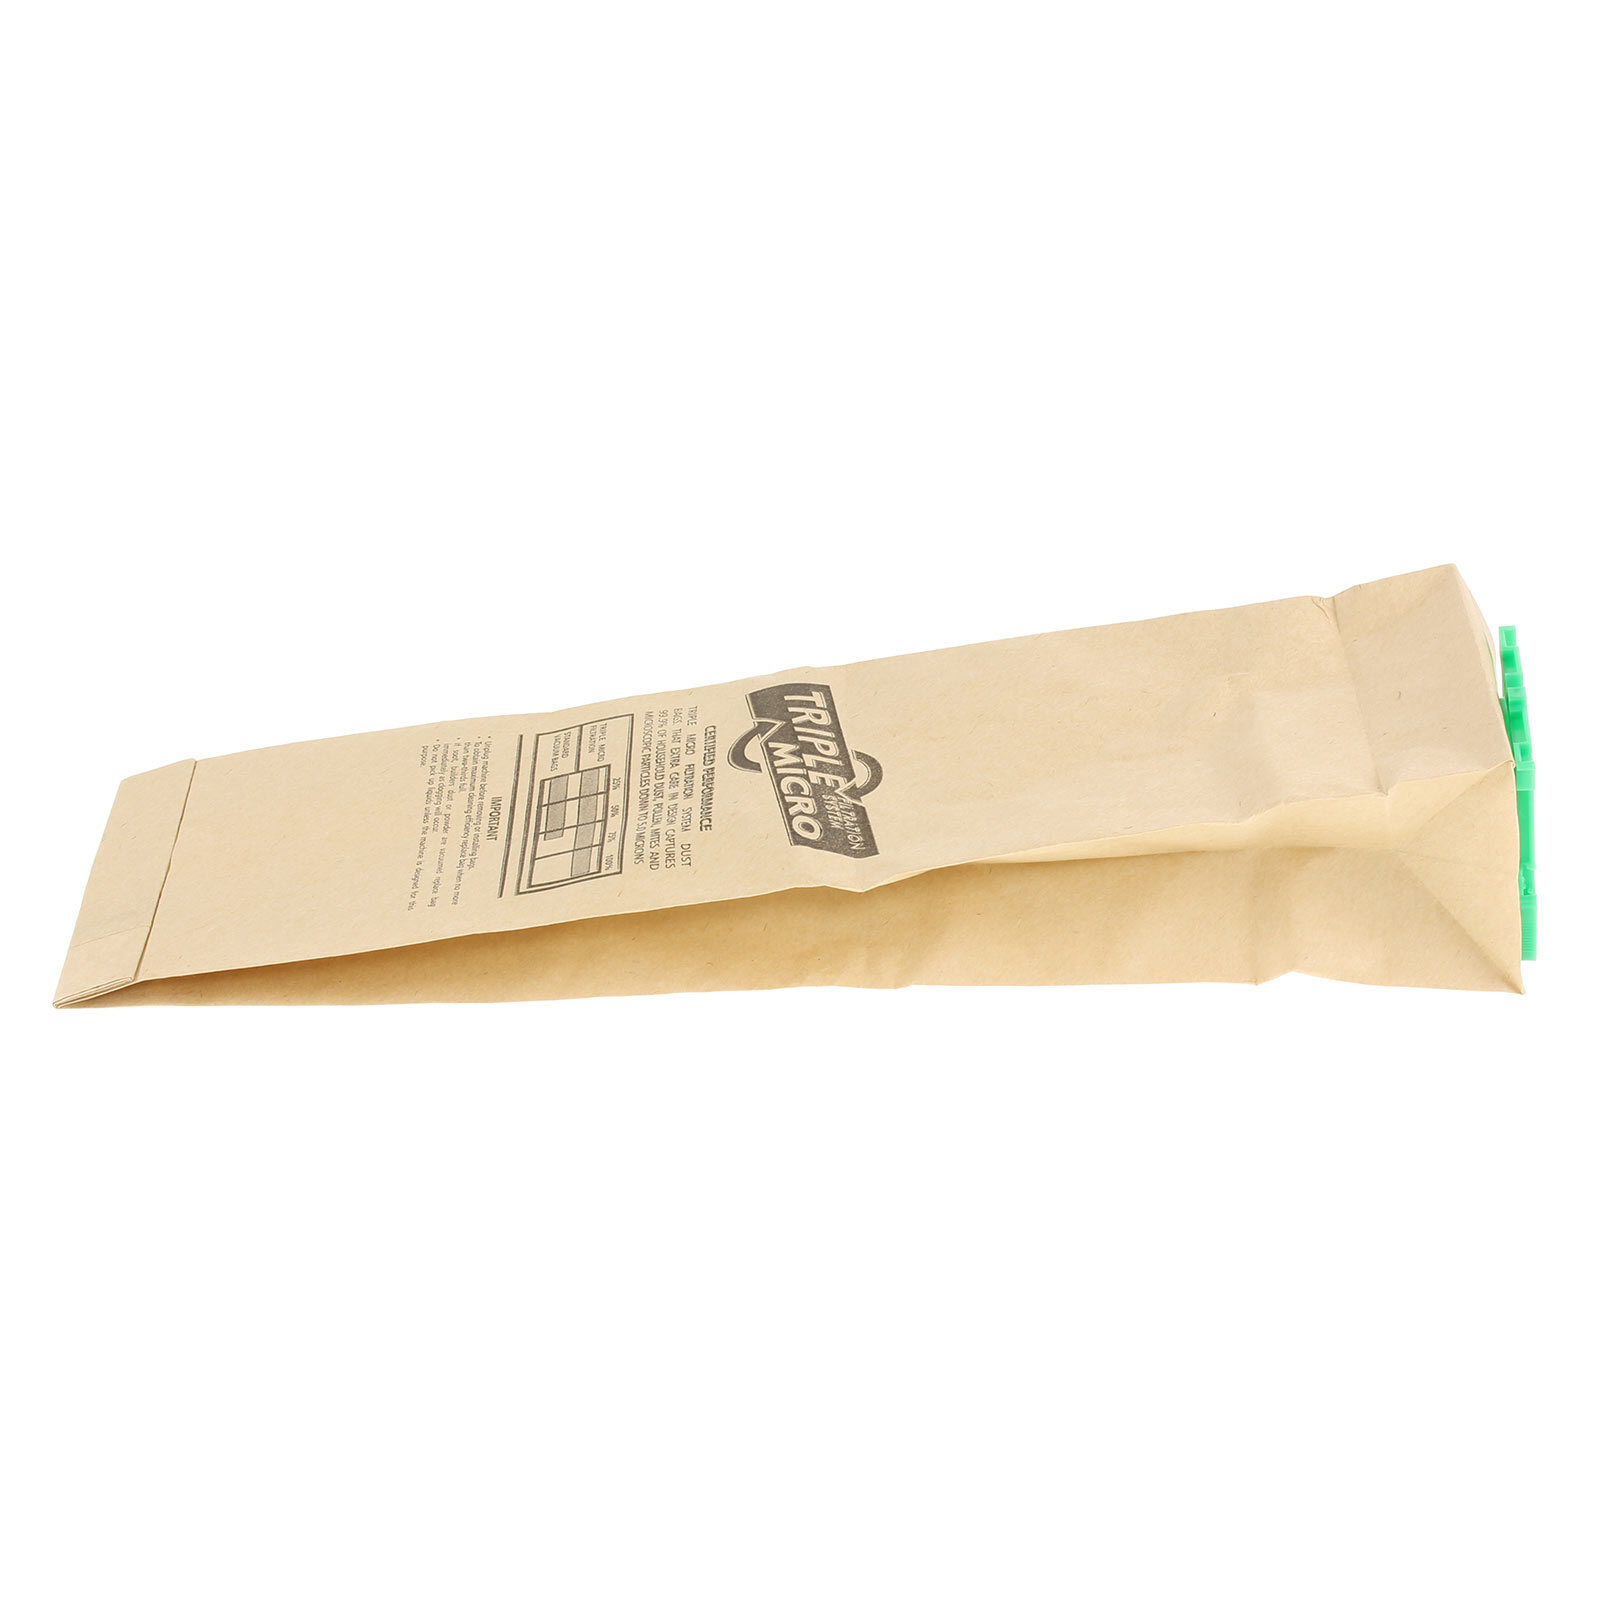 5 x Sebo Sacchetti per aspirapolvere Hoover DUST BAG XP2 XP3 X4 PET SENSORE C2 totale